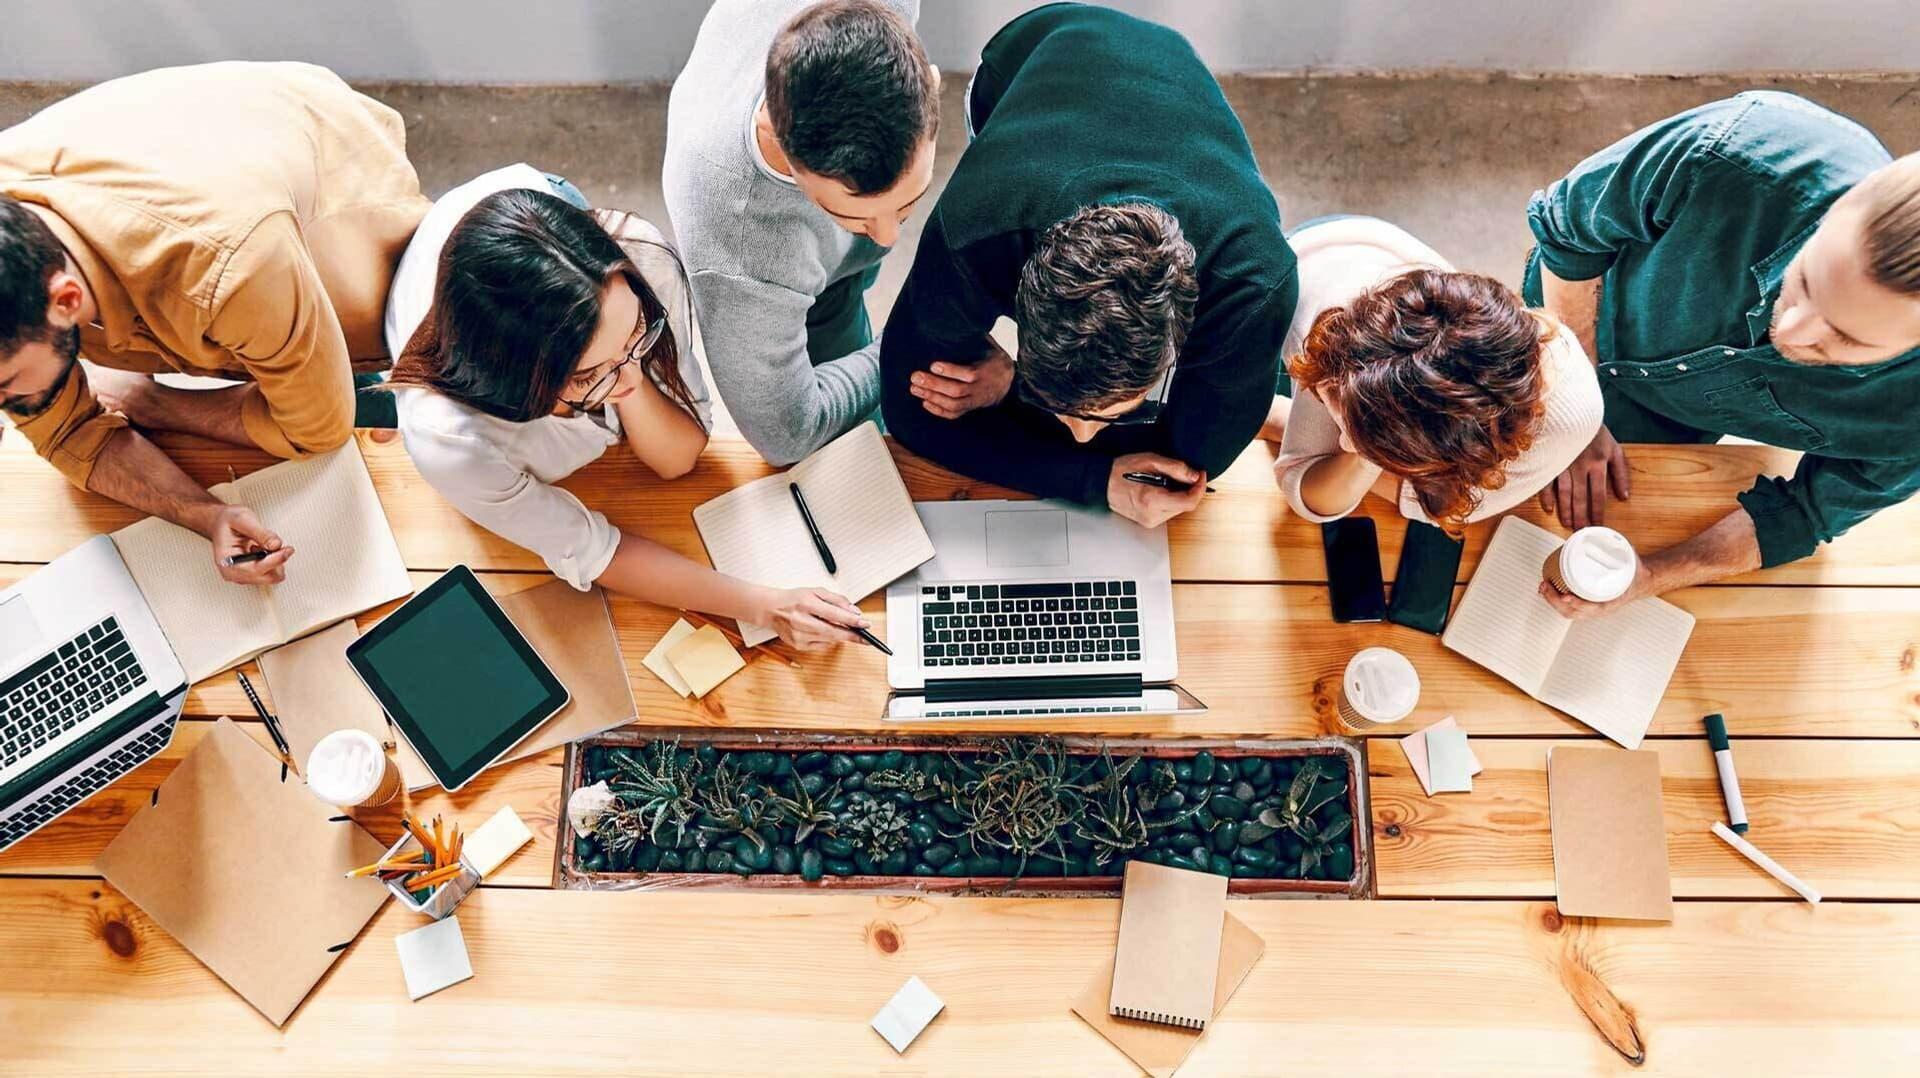 Ein Team diskutiert gemeinsam an einem Tisch